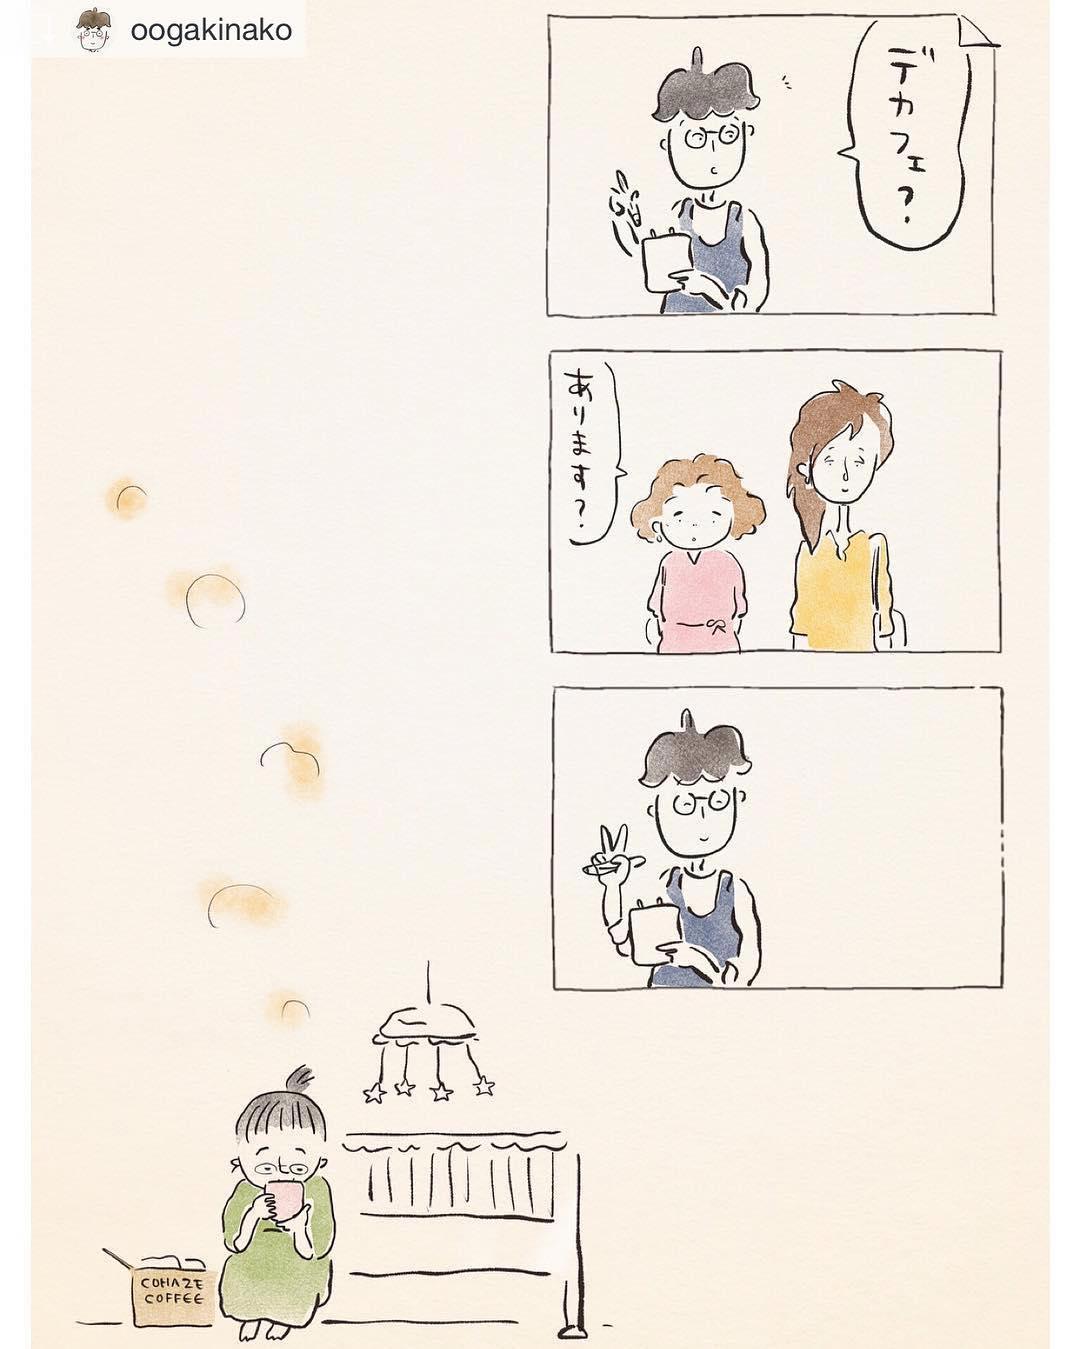 こんにちは♪ 久しぶりにきなこさんの、こはぜ珈琲漫画のリポストです♪ 「  あり